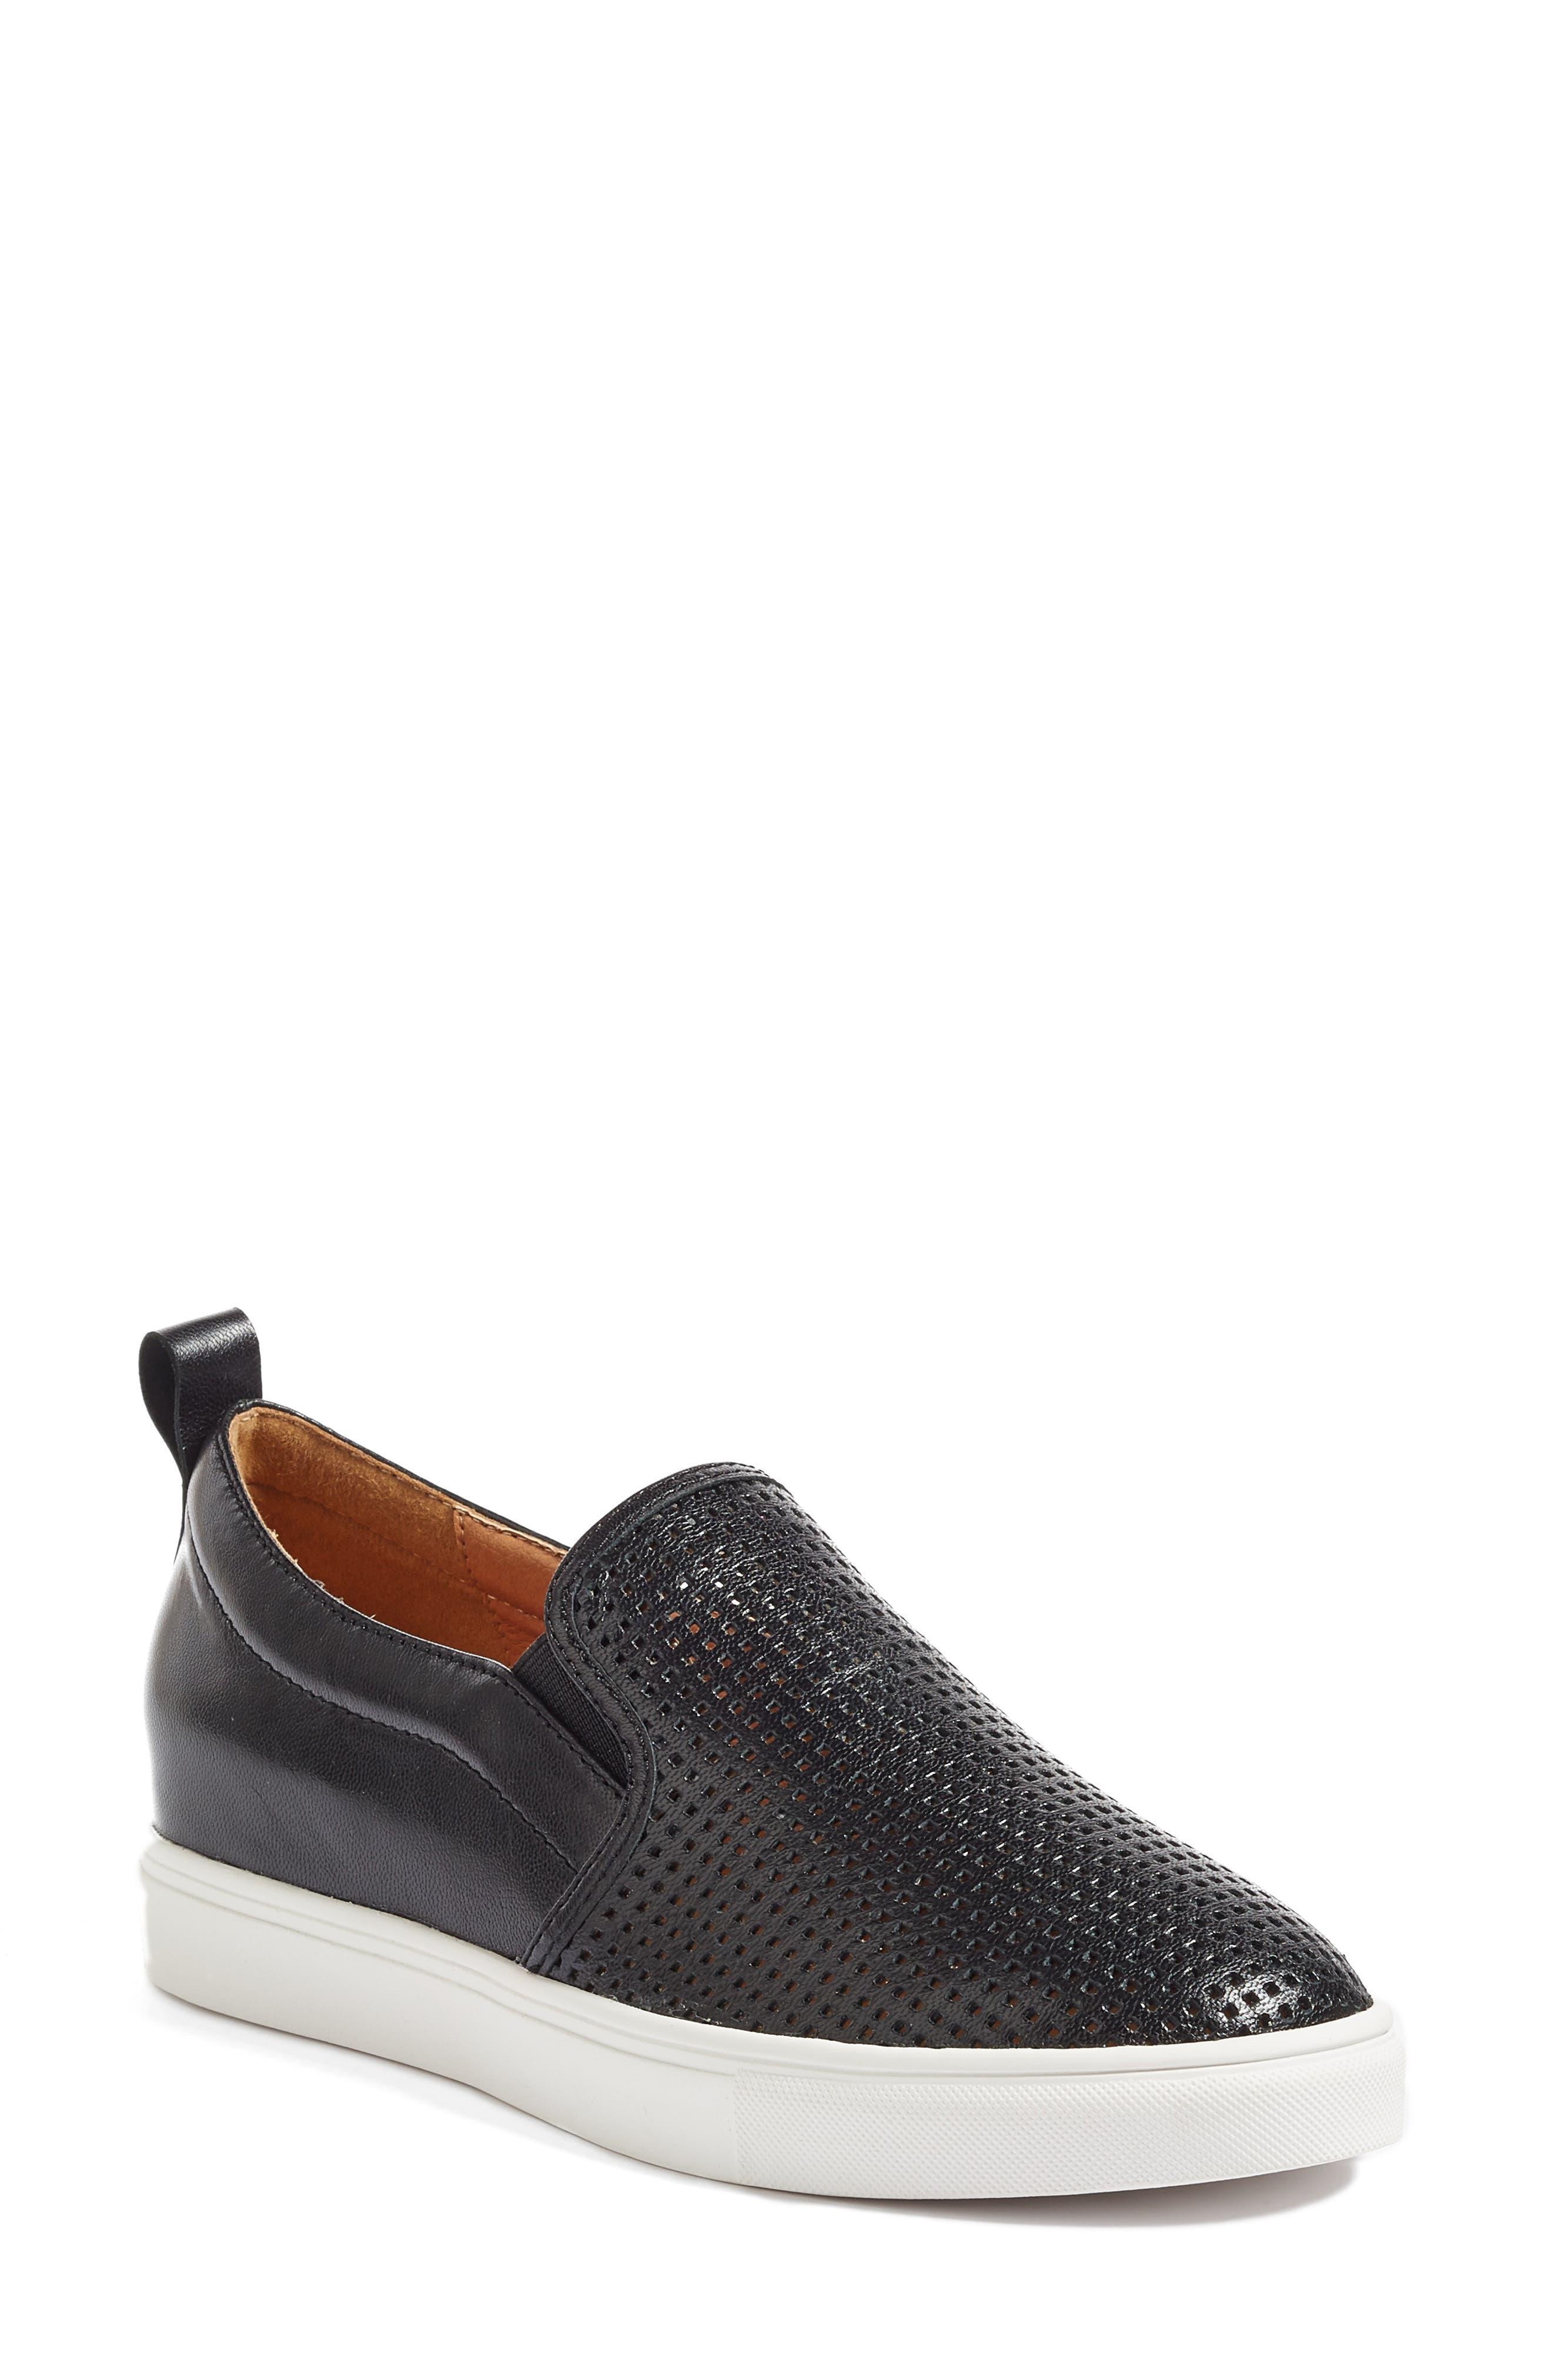 Eden Perforated Slip-On Sneaker,                             Alternate thumbnail 5, color,